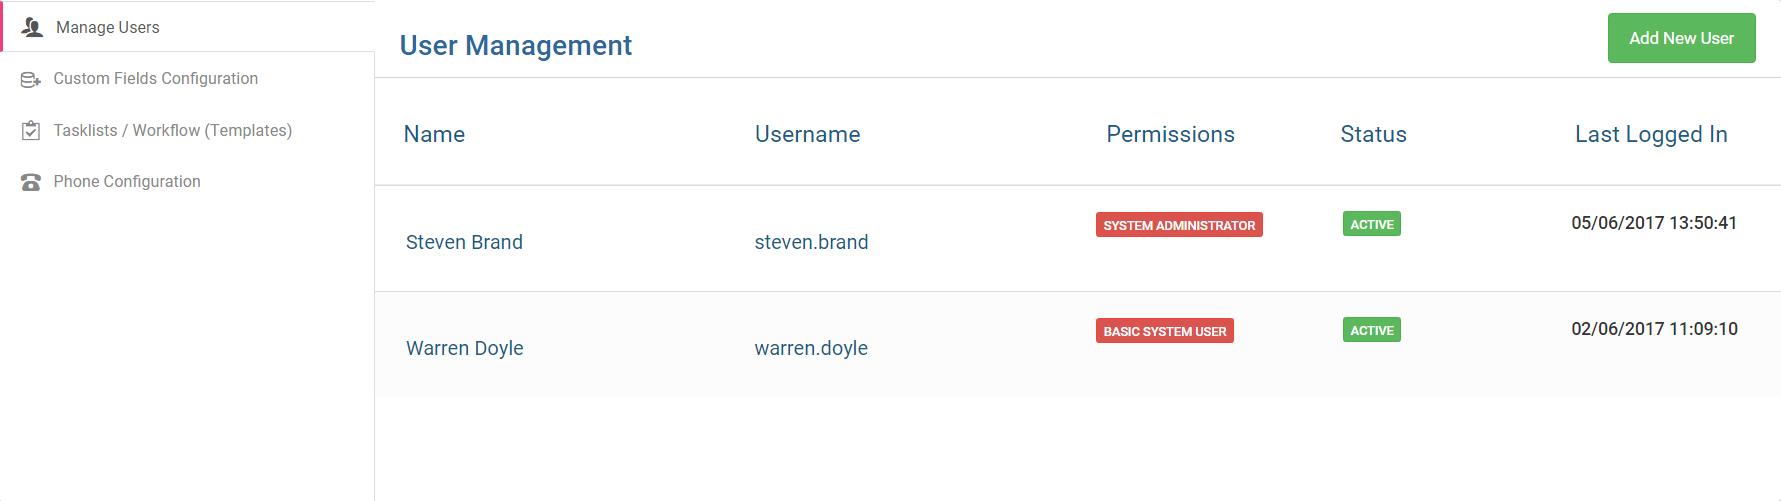 User_Management_-_Manage_User_List.png